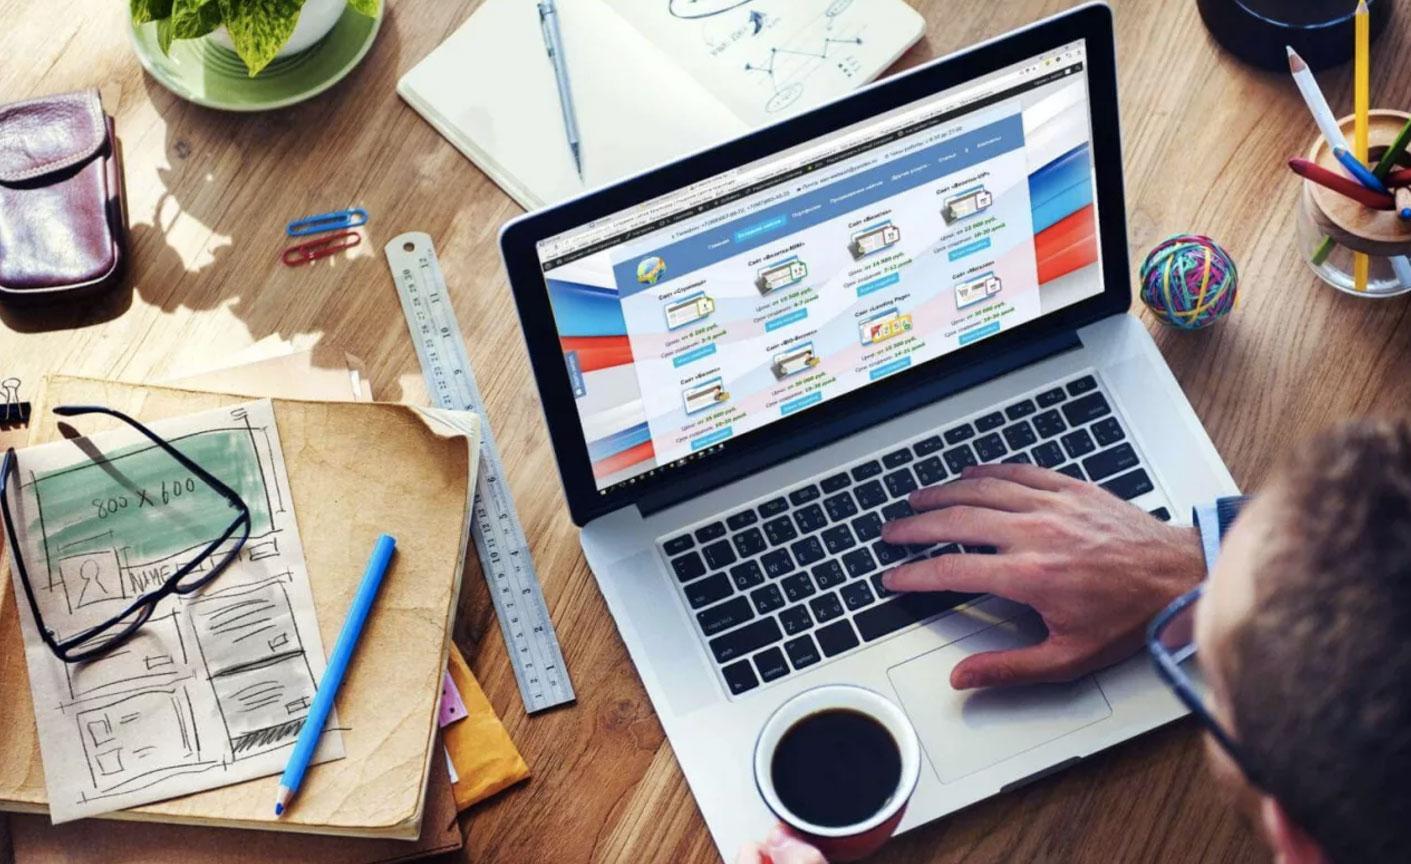 Digital компания Tanix Group и секреты ее успеха в разработке и продвижении сайтов